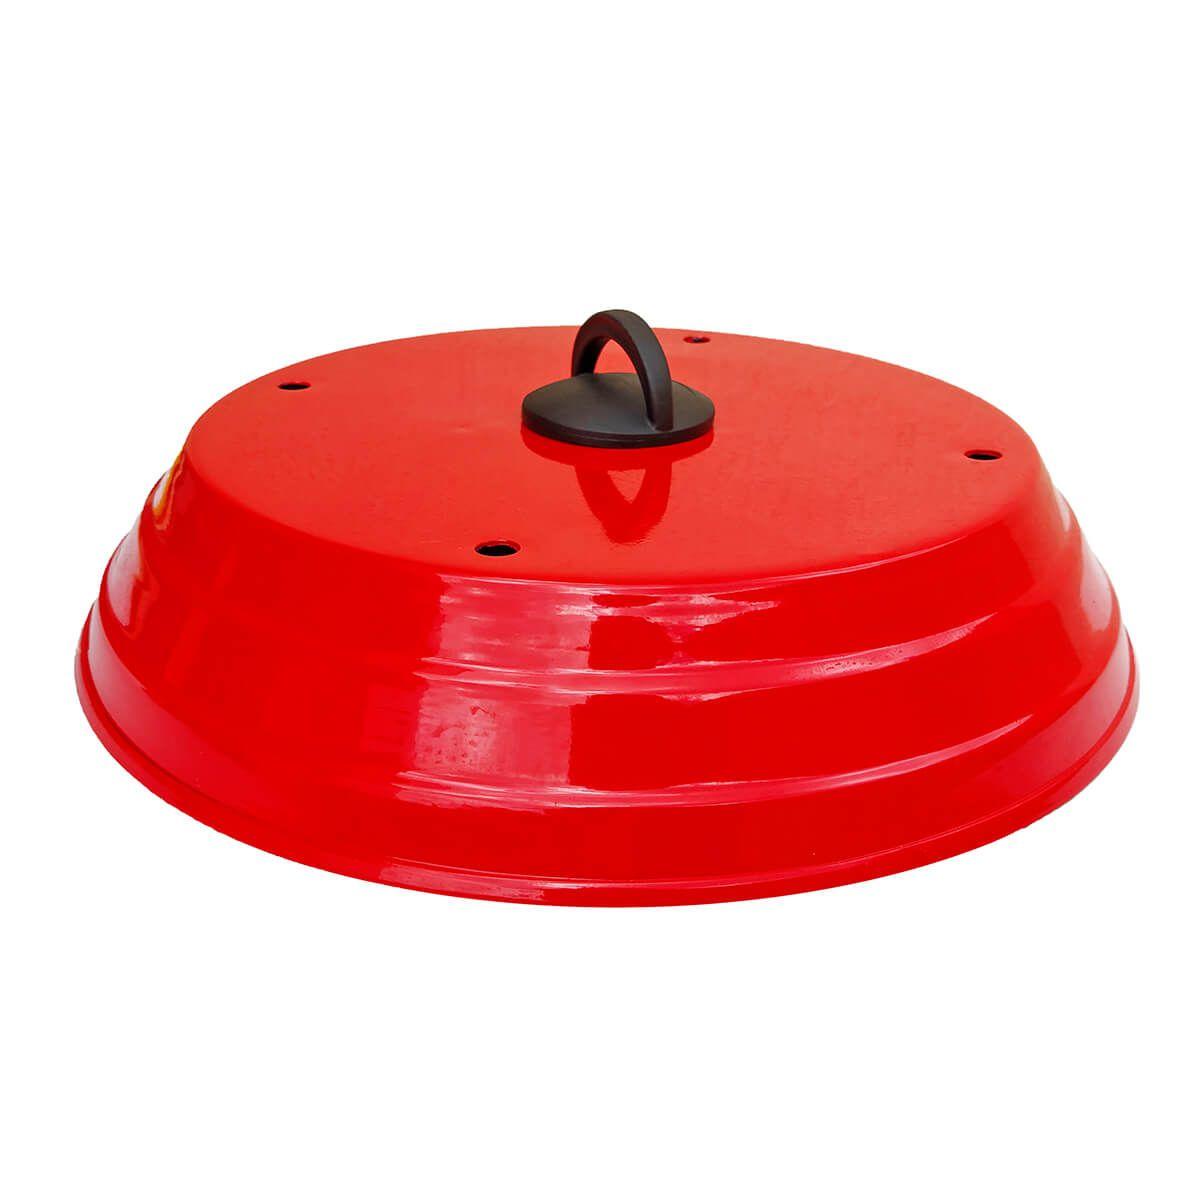 Abafador de Pizza para Churrasqueira Vermelho 40 cm